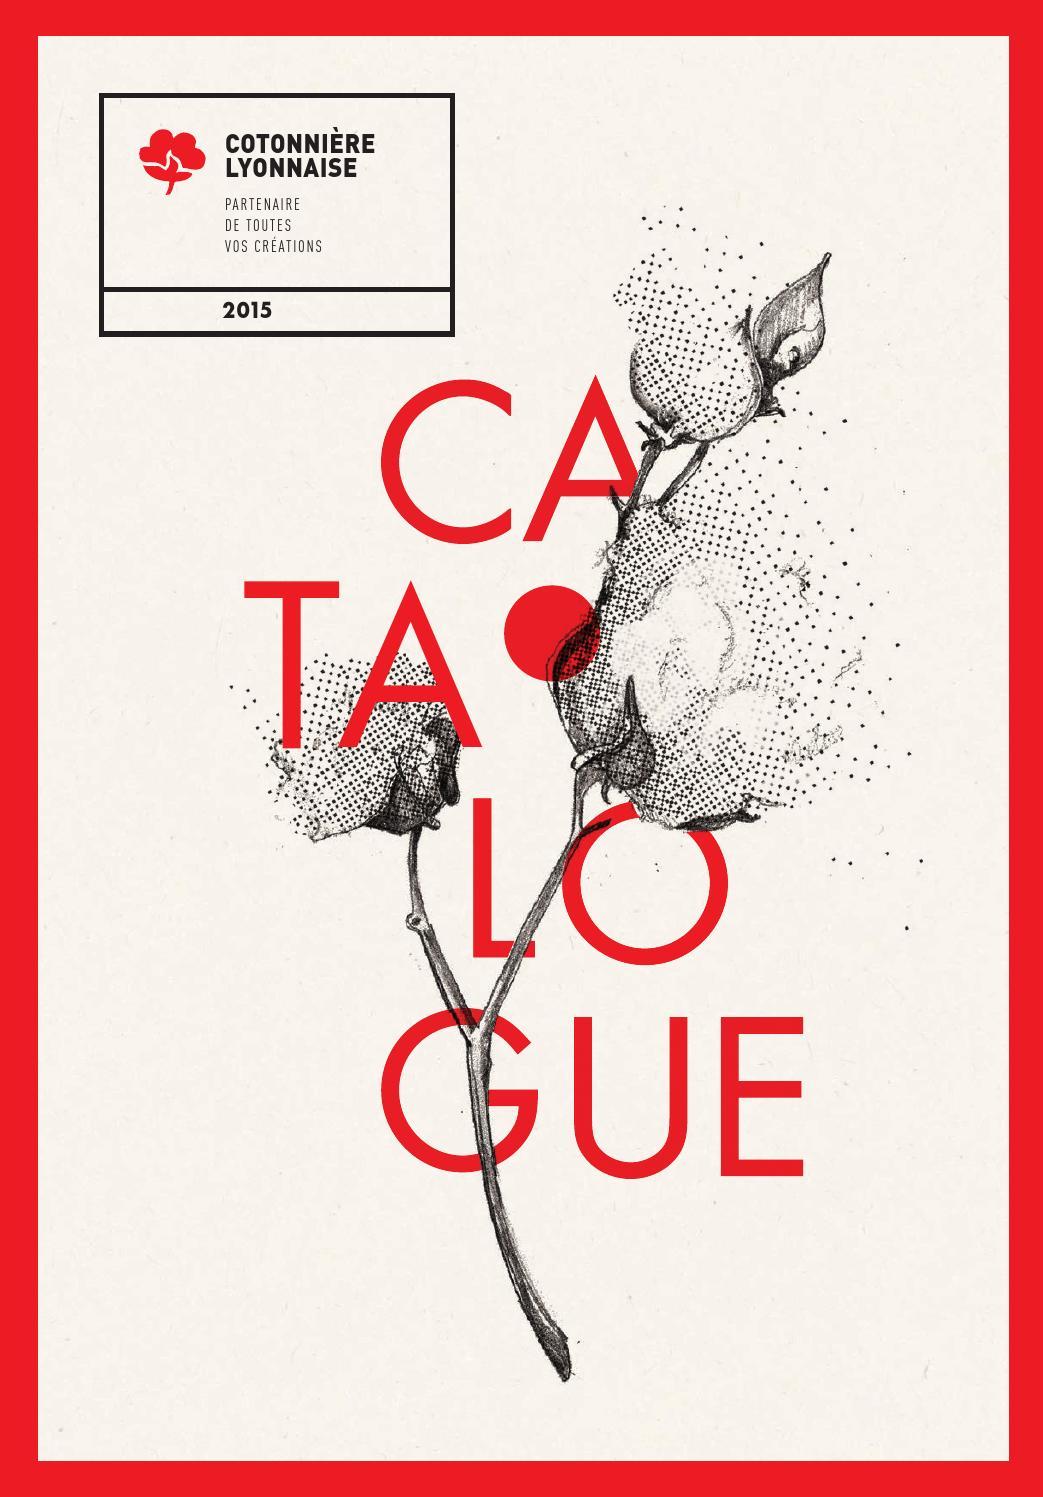 FILM VINYLE  PEAU DE SERPENT COVERING TEXTURE RELIEF  Stickers Raclette PRO